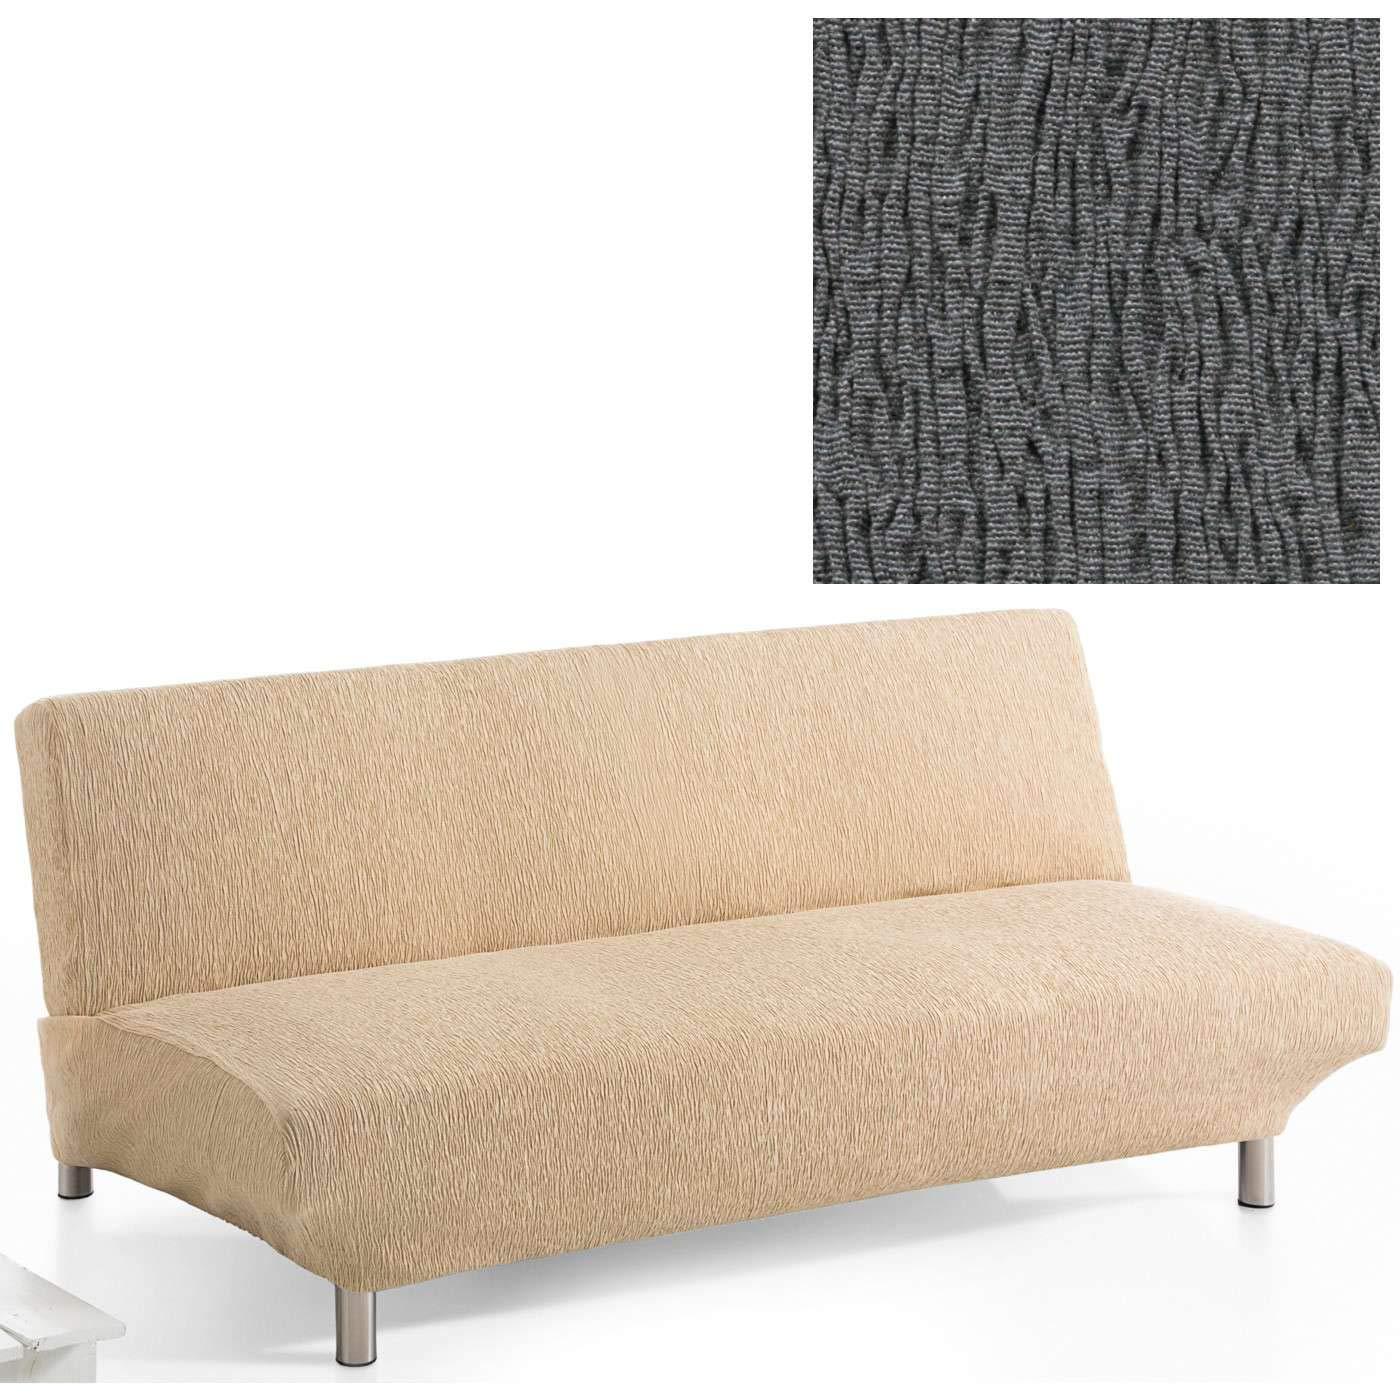 Jarrous Funda de Sofá Clic-Clac Modelo Arucas, Color Gris-10, Medida 3 Plazas – 180-230cm